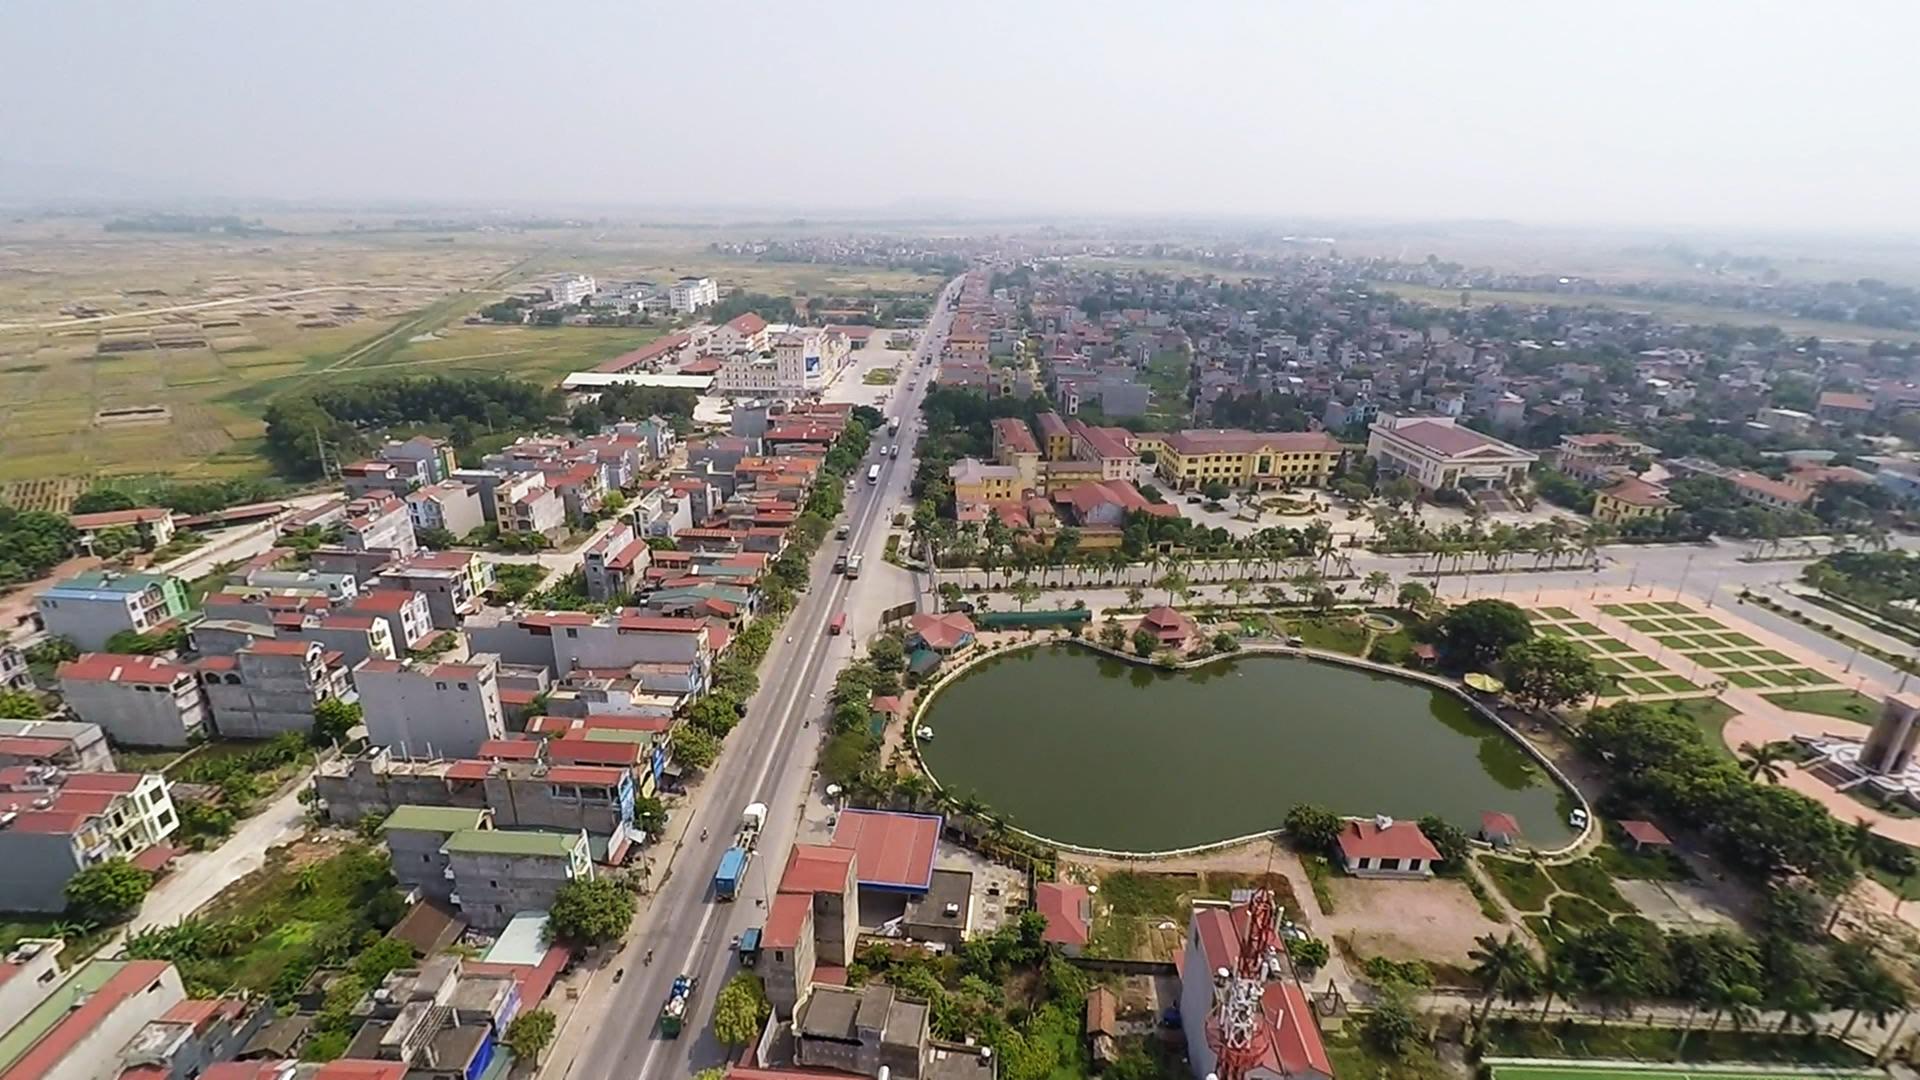 Bắc Ninh duyệt đồ án qui hoạch khu đô thị gần 50 ha tại huyện Quế Võ - Ảnh 1.